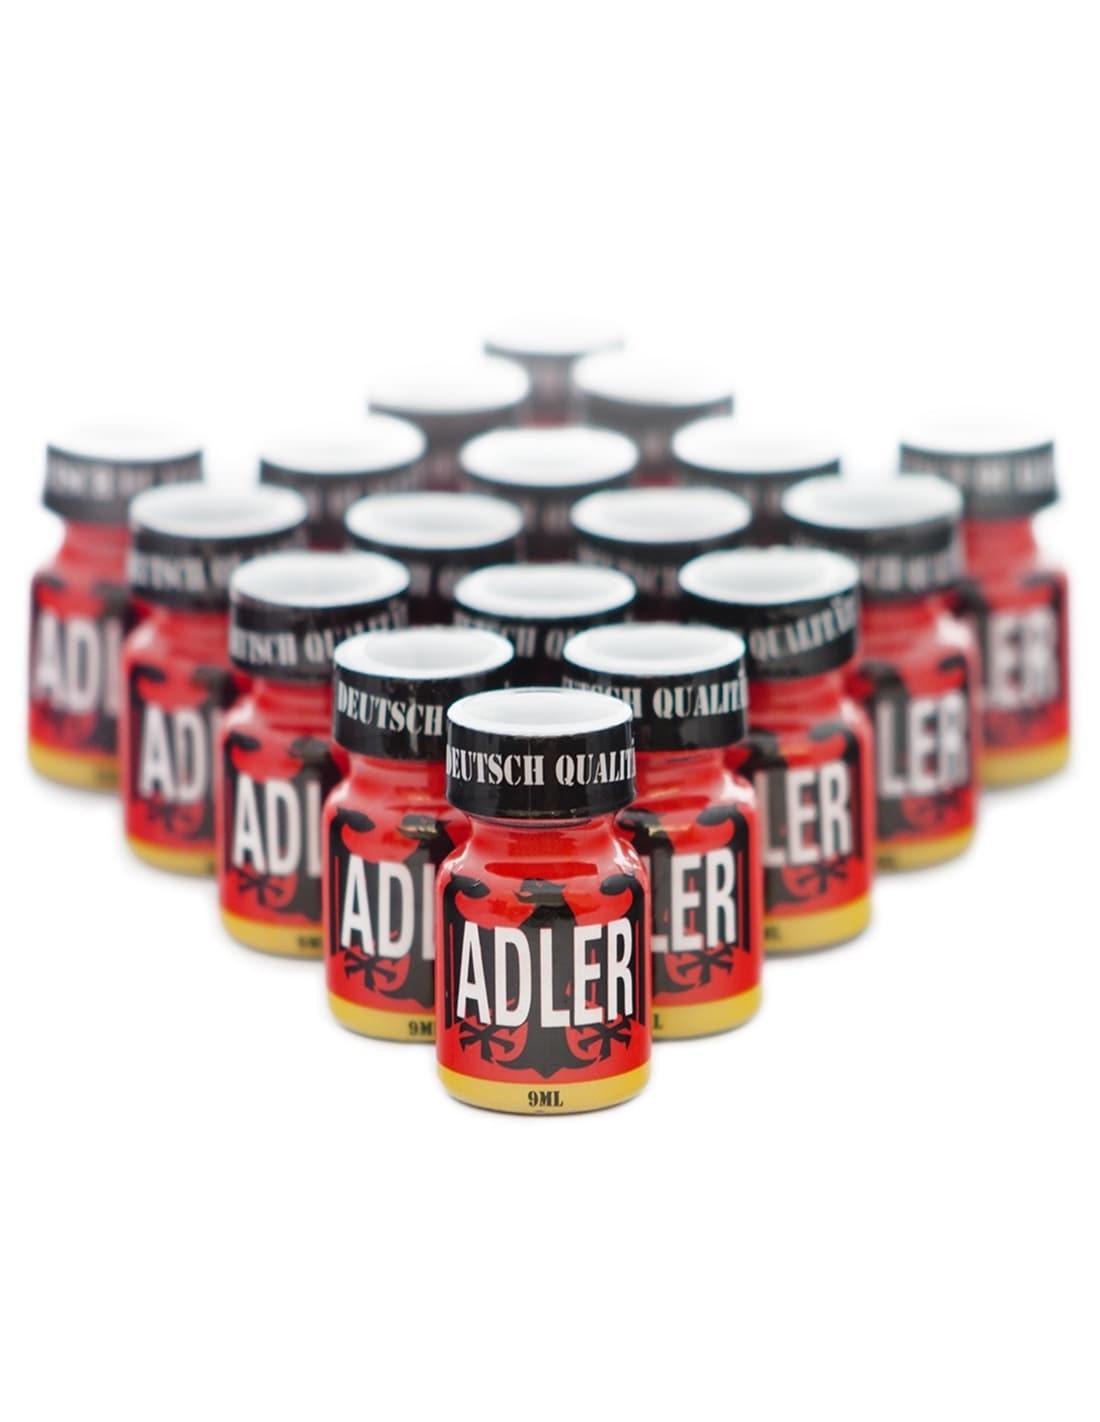 Pack com 18 Adler Poppers - 9ml - PR2010334023